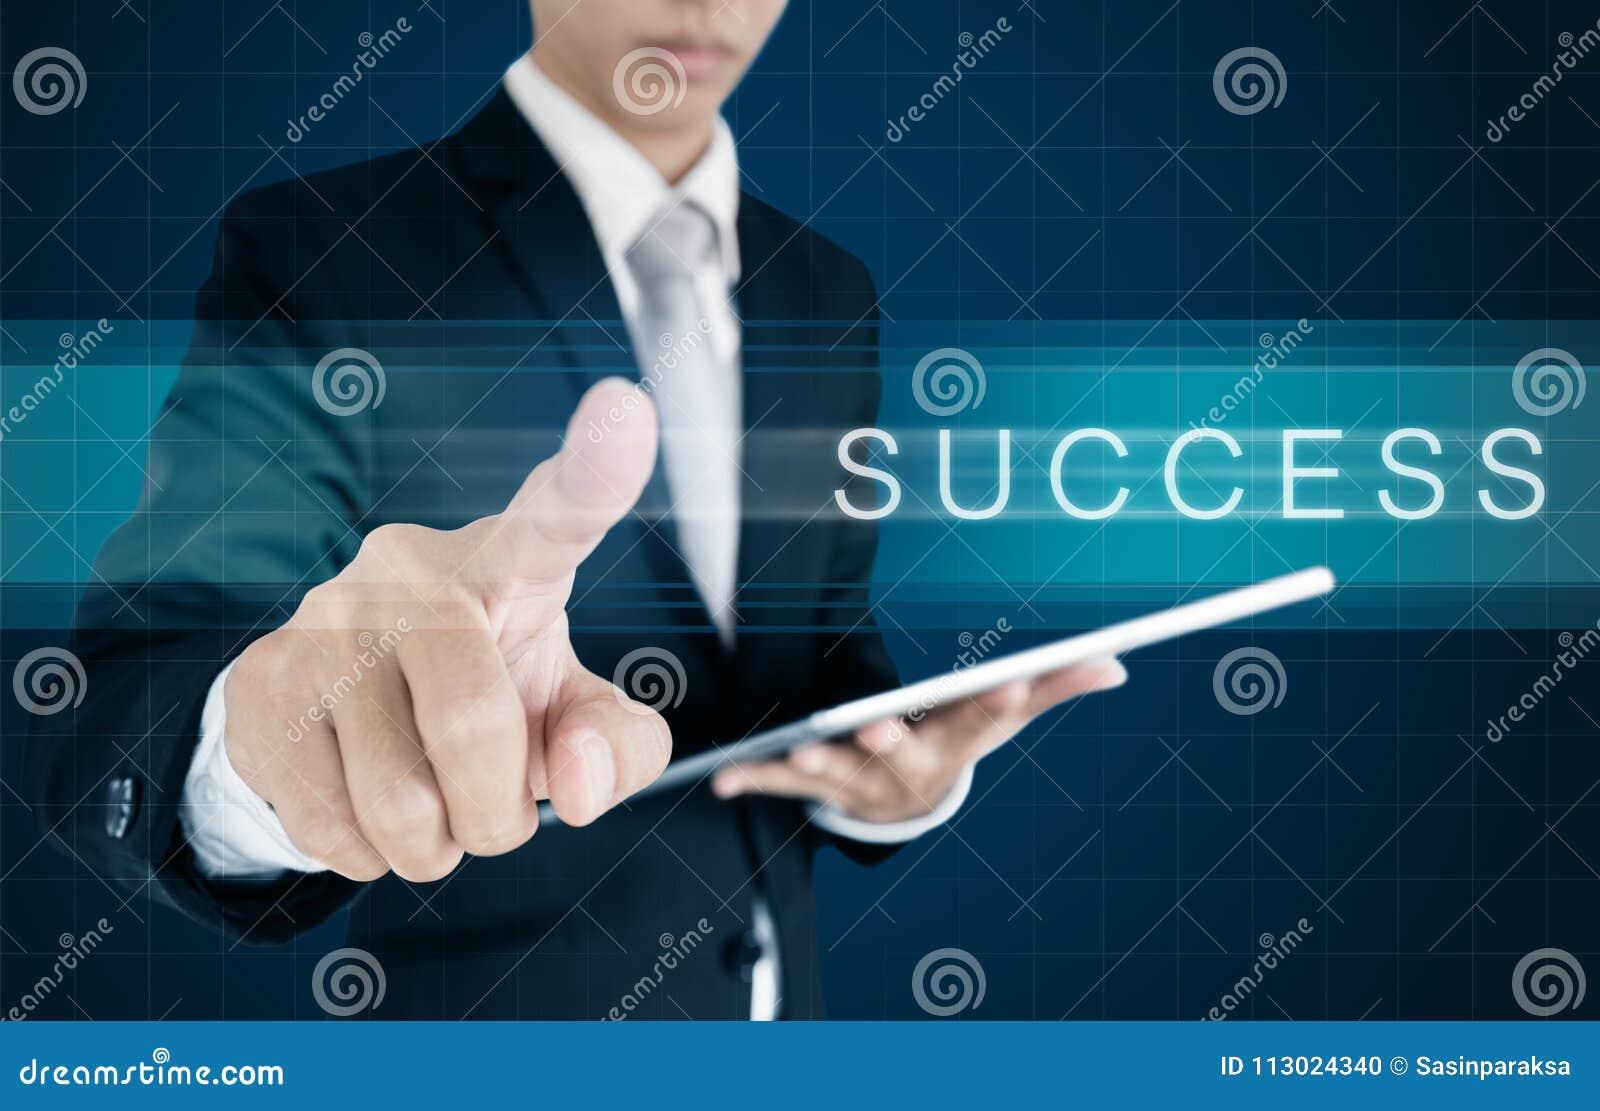 Zakenman die op het scherm met SUCCESwoord glijden Bedrijfs succesconcept